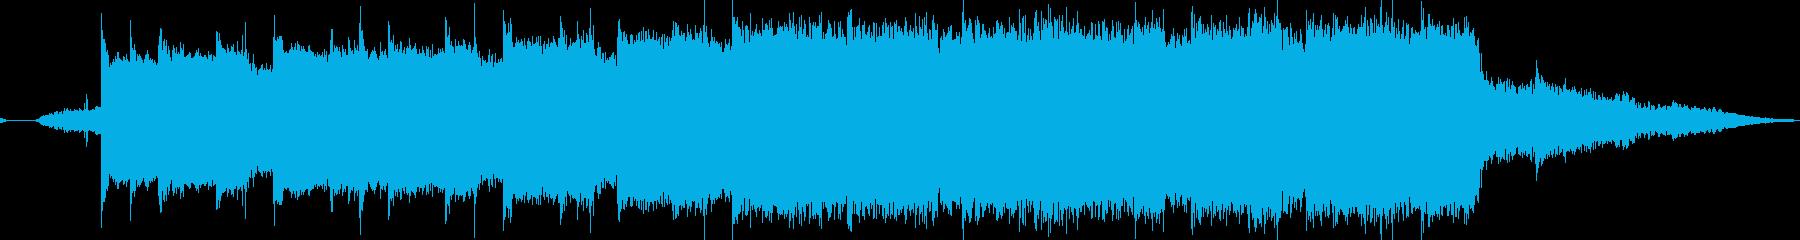 神秘的で壮大なメロディーの再生済みの波形